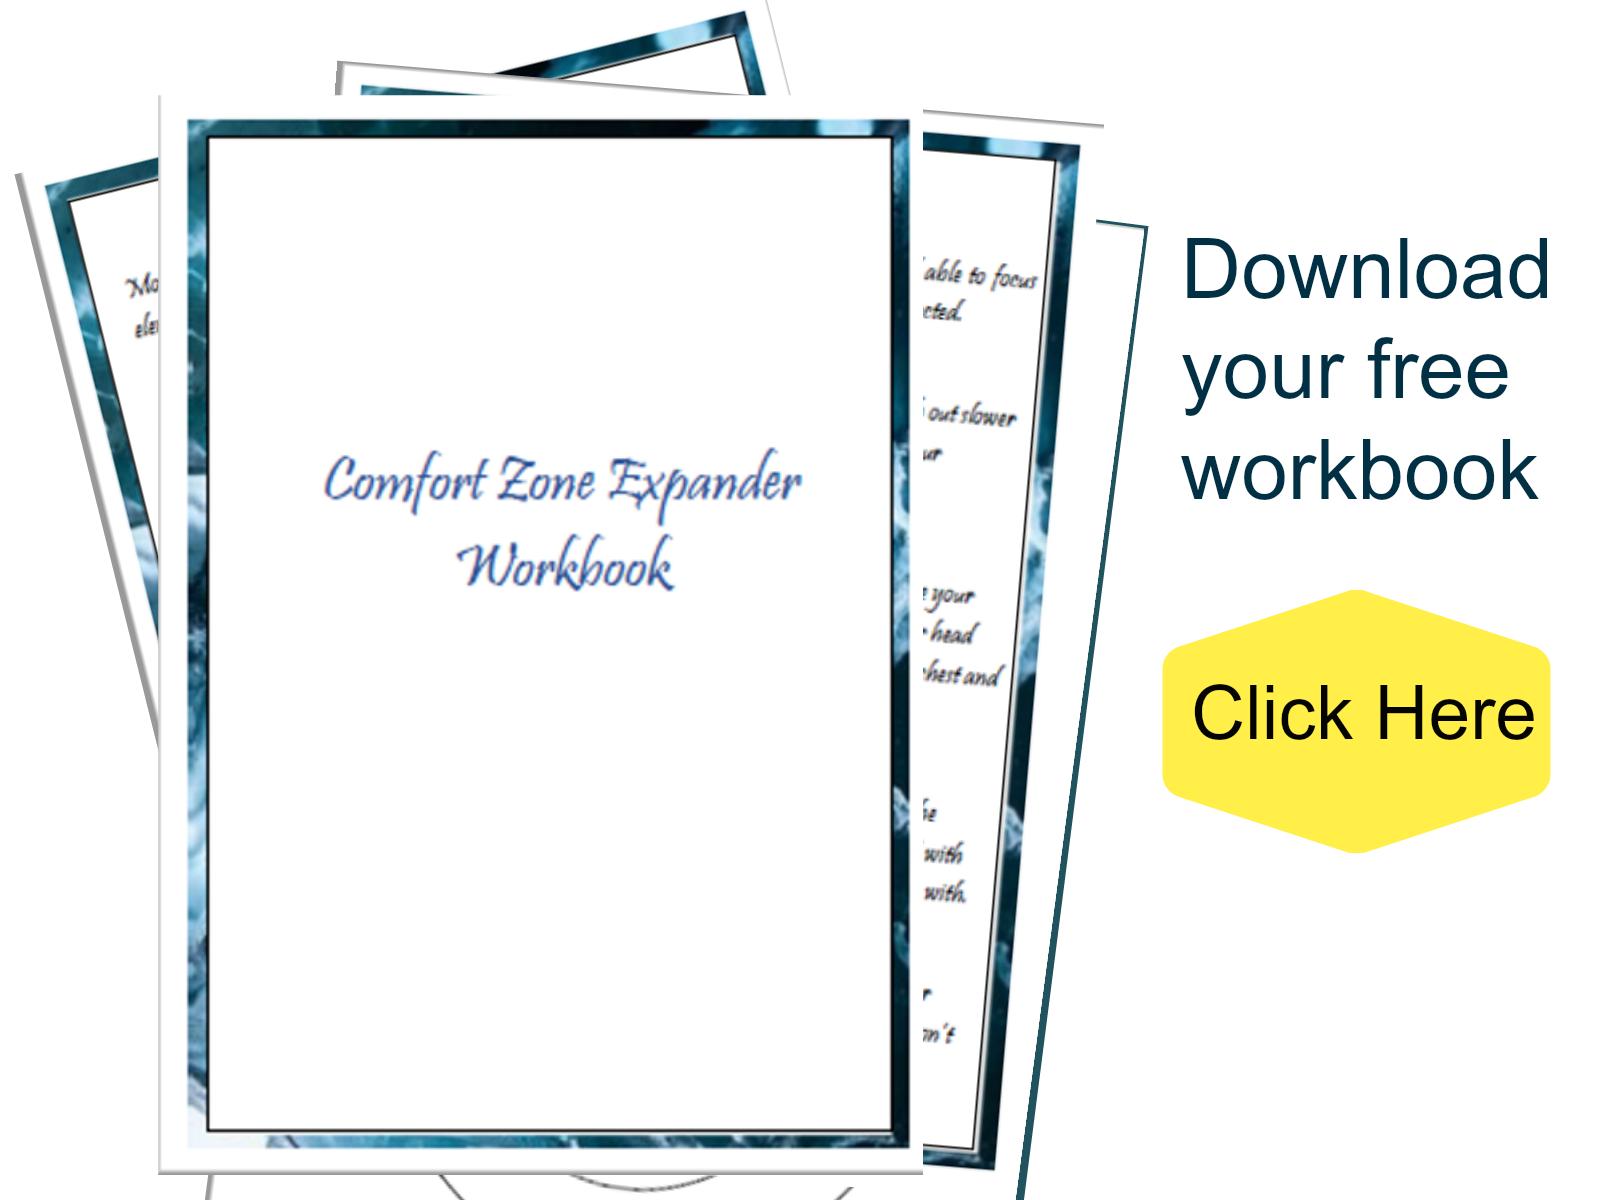 Comfort Zone Expander Workbook